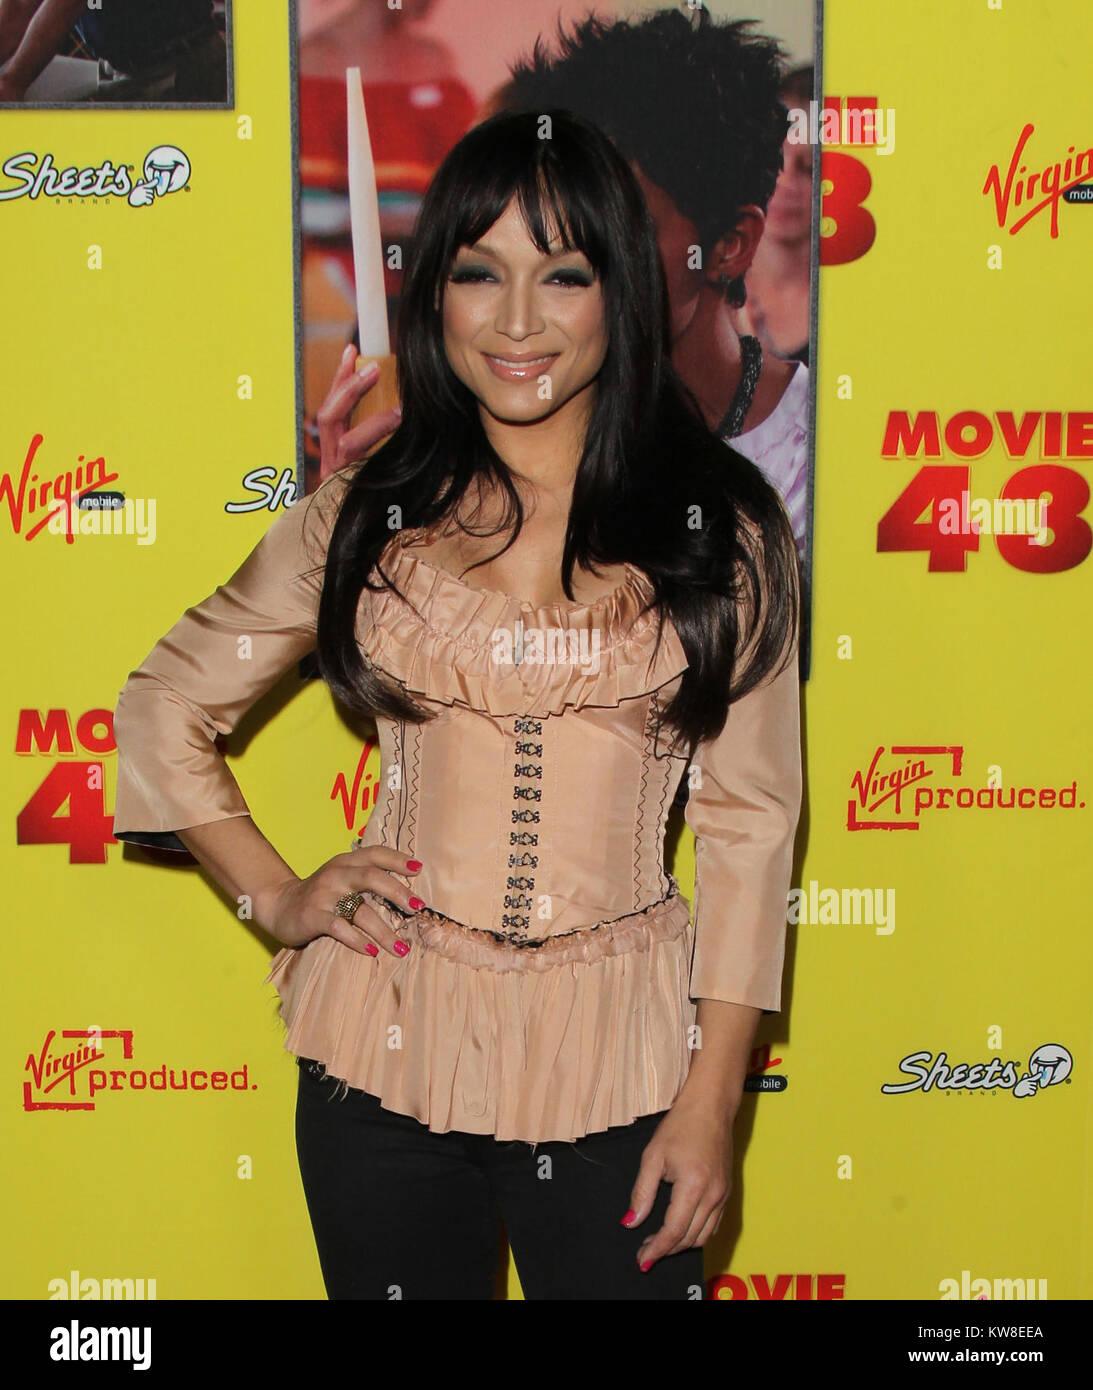 Cathy Garcia Long Beach Ca